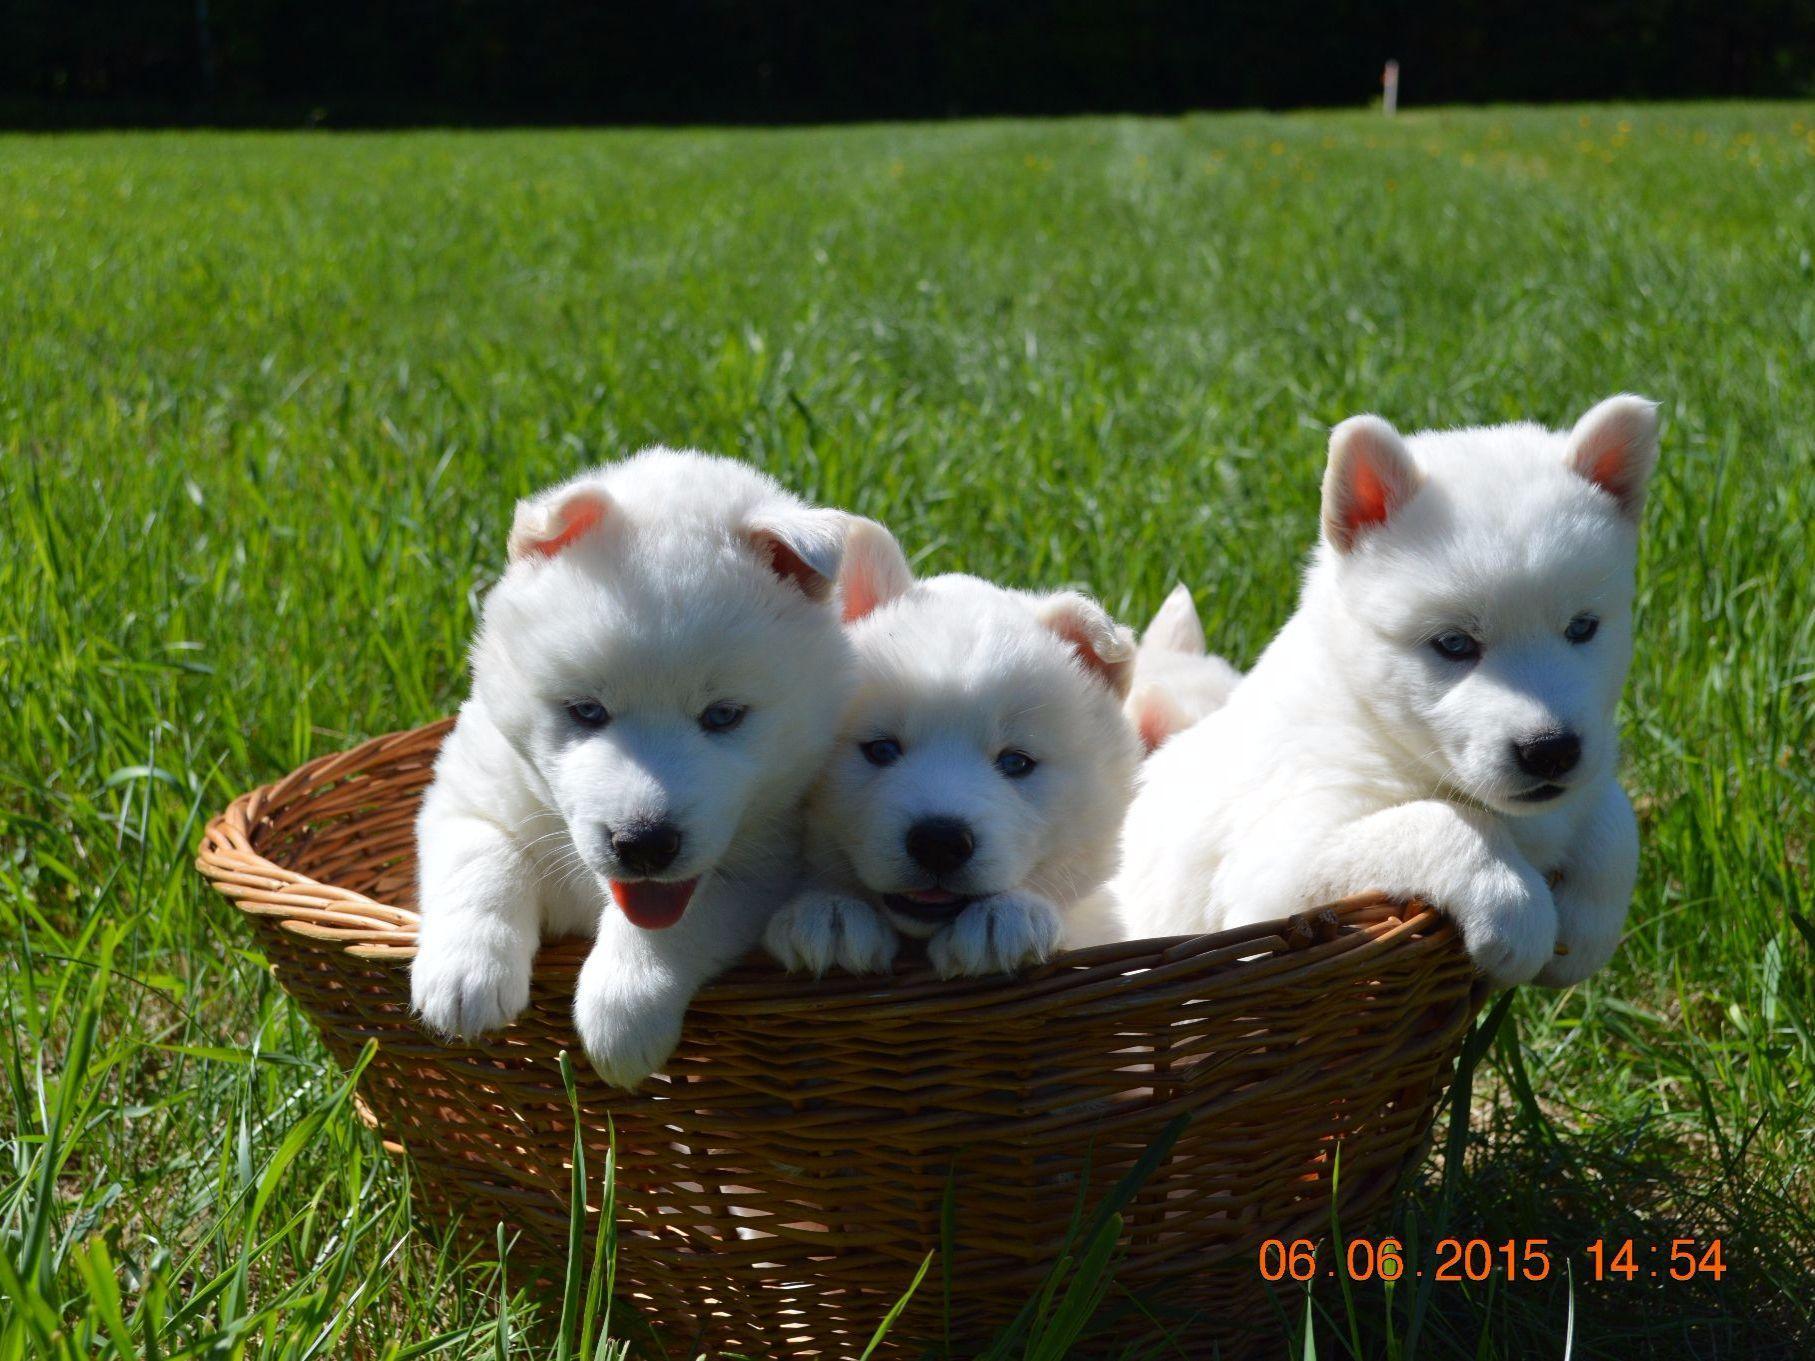 Dashing Sale Husky Malamute Mix Brown Husky Malamute Mix Adoption Snow Wooly Husky Puppies bark post Malamute Husky Mix